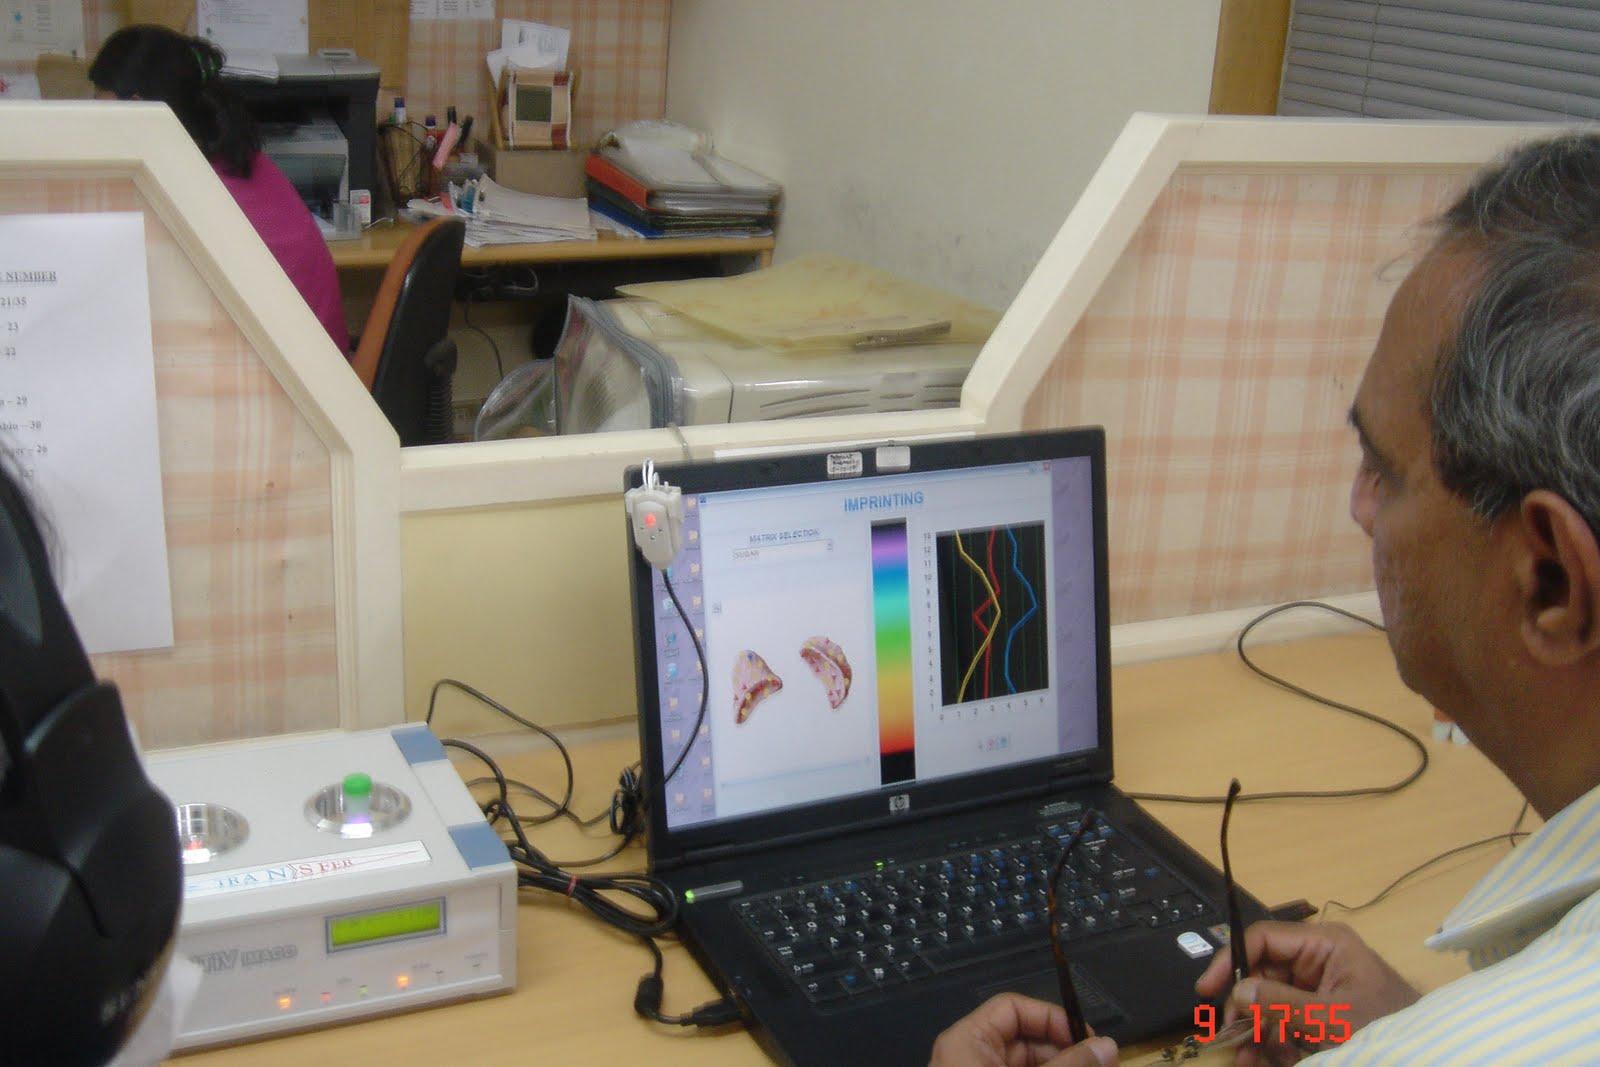 bioresonance machine